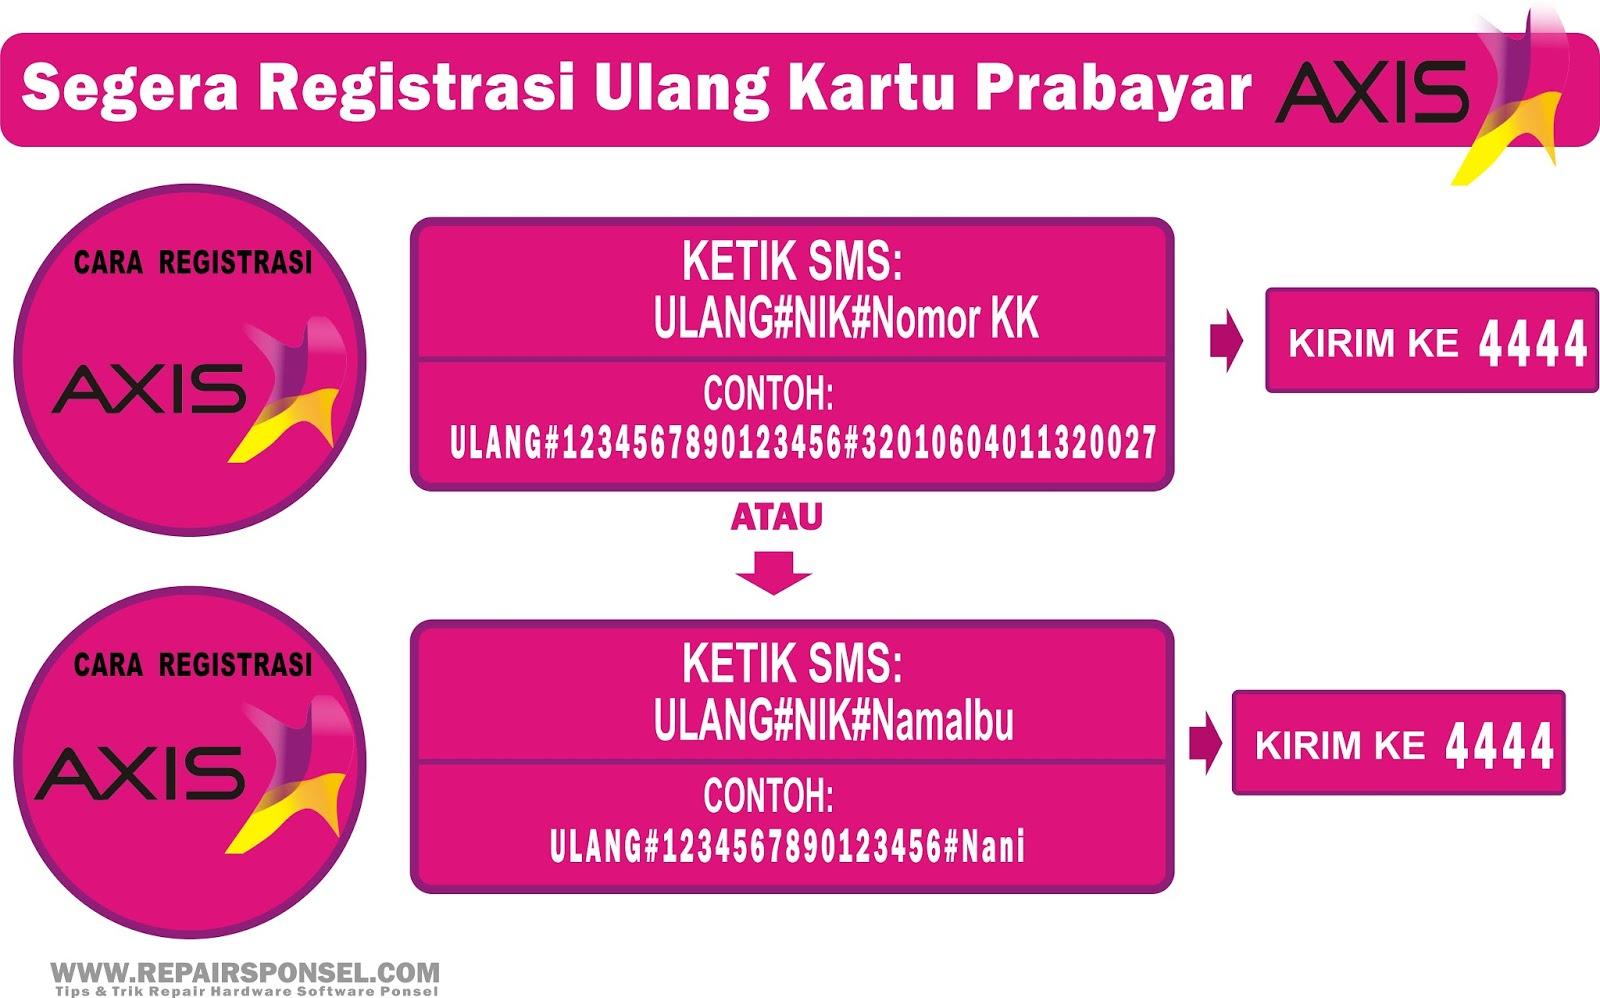 4444 kk.com_Cara Registrasi Ulang Kartu Axis Sesuai KTP dan KK - Repairs Ponsel